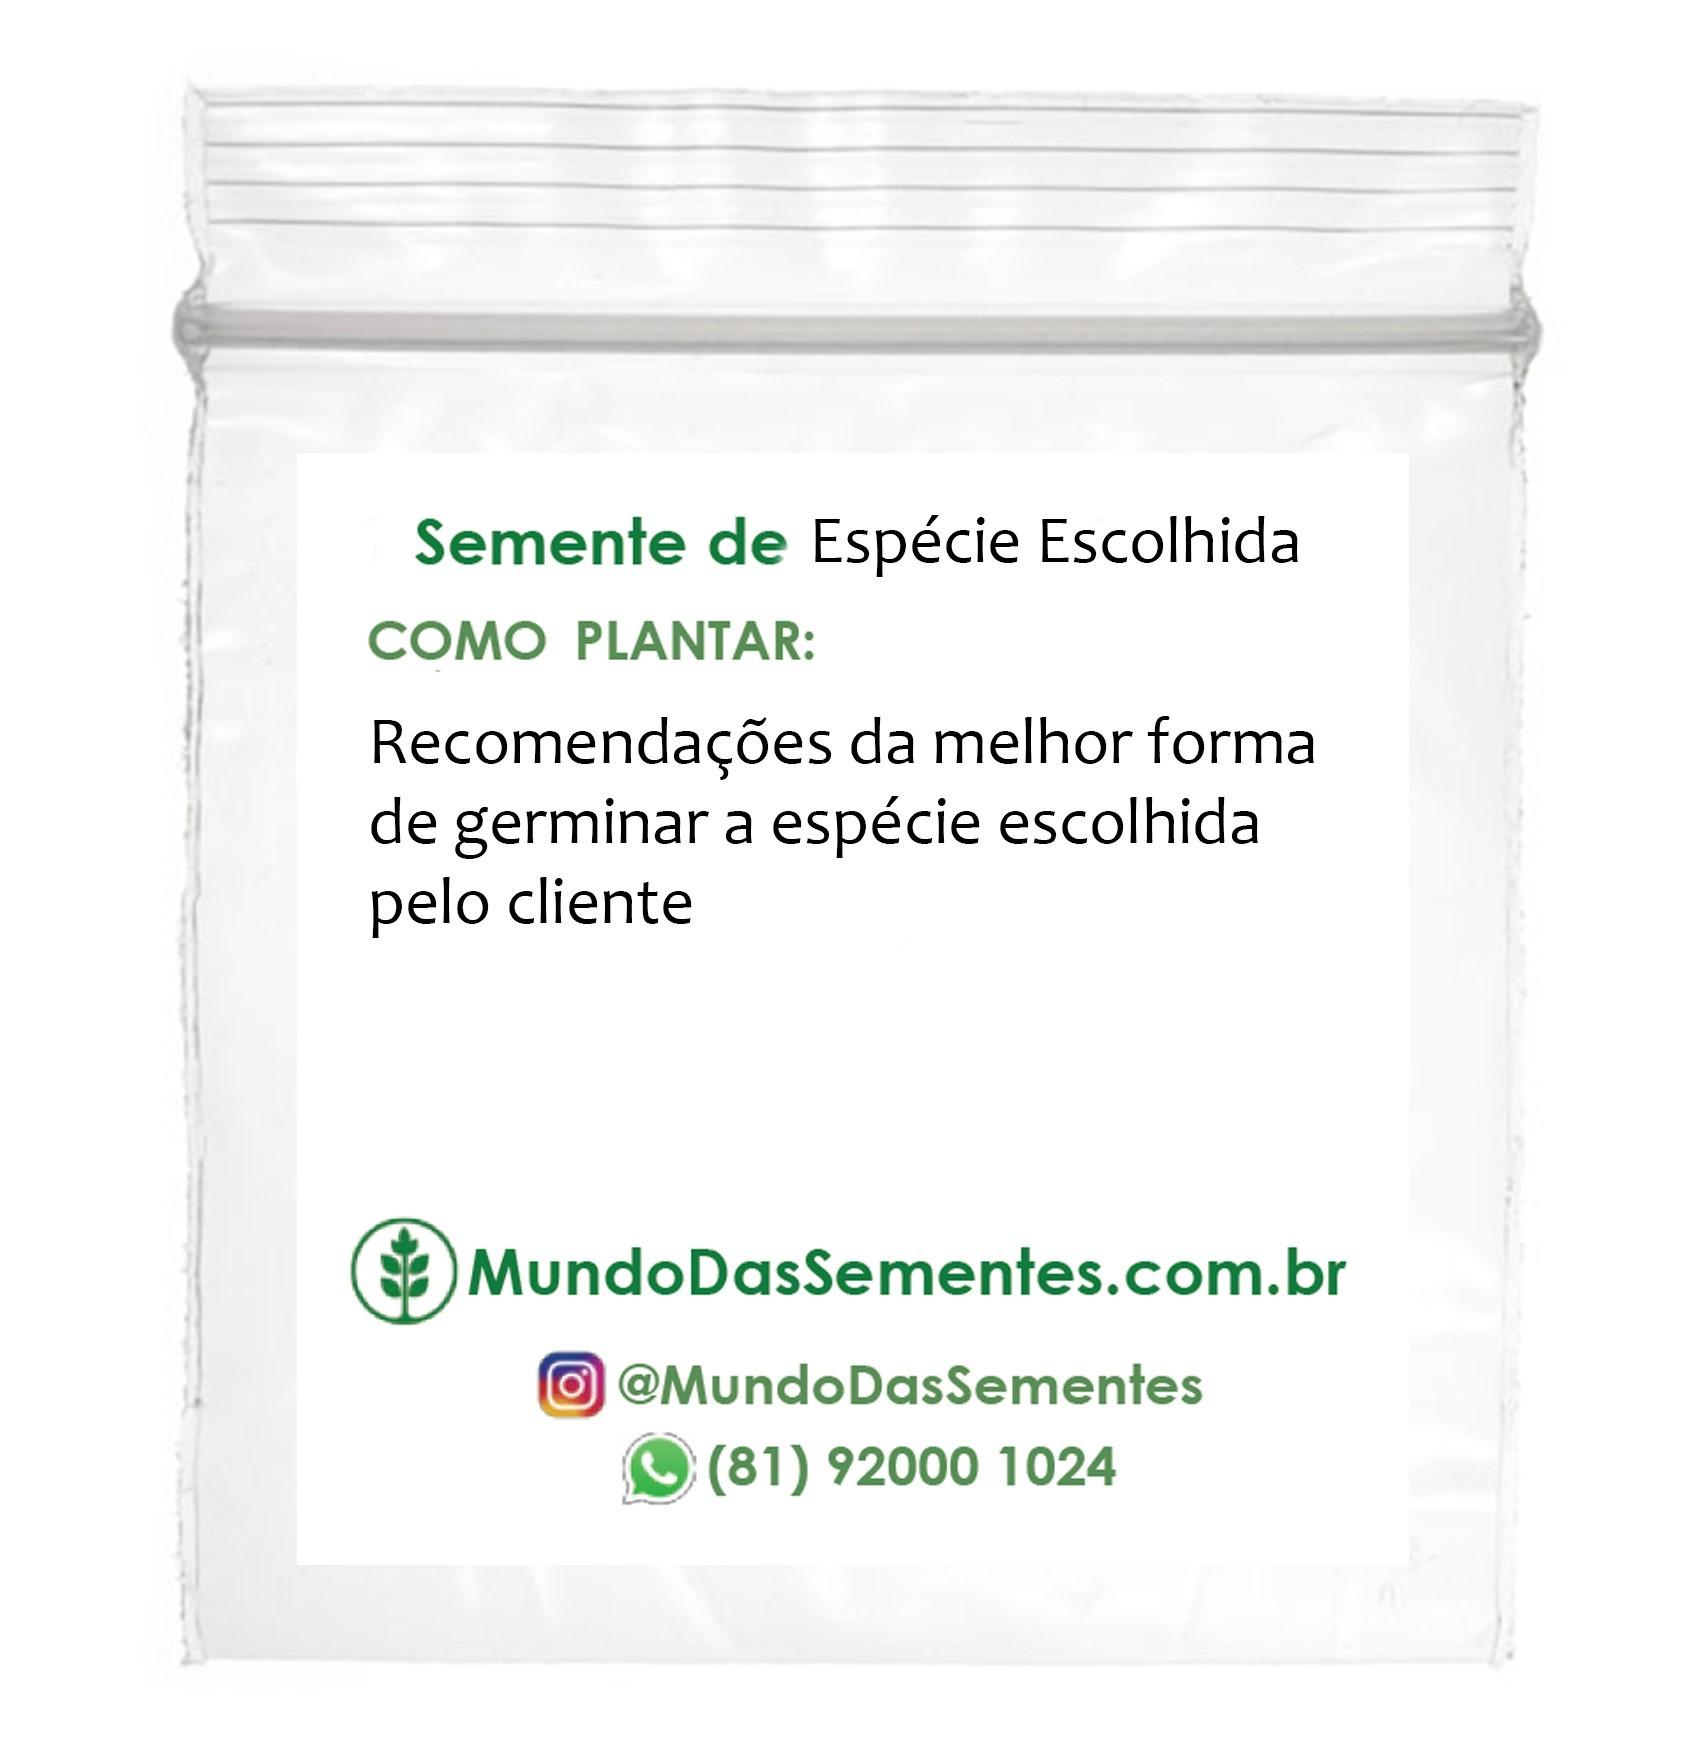 500 Brindes Ecológicos com Sementes – Ziplock 4x4cm com Etiqueta Personalizada - Mundo das Sementes